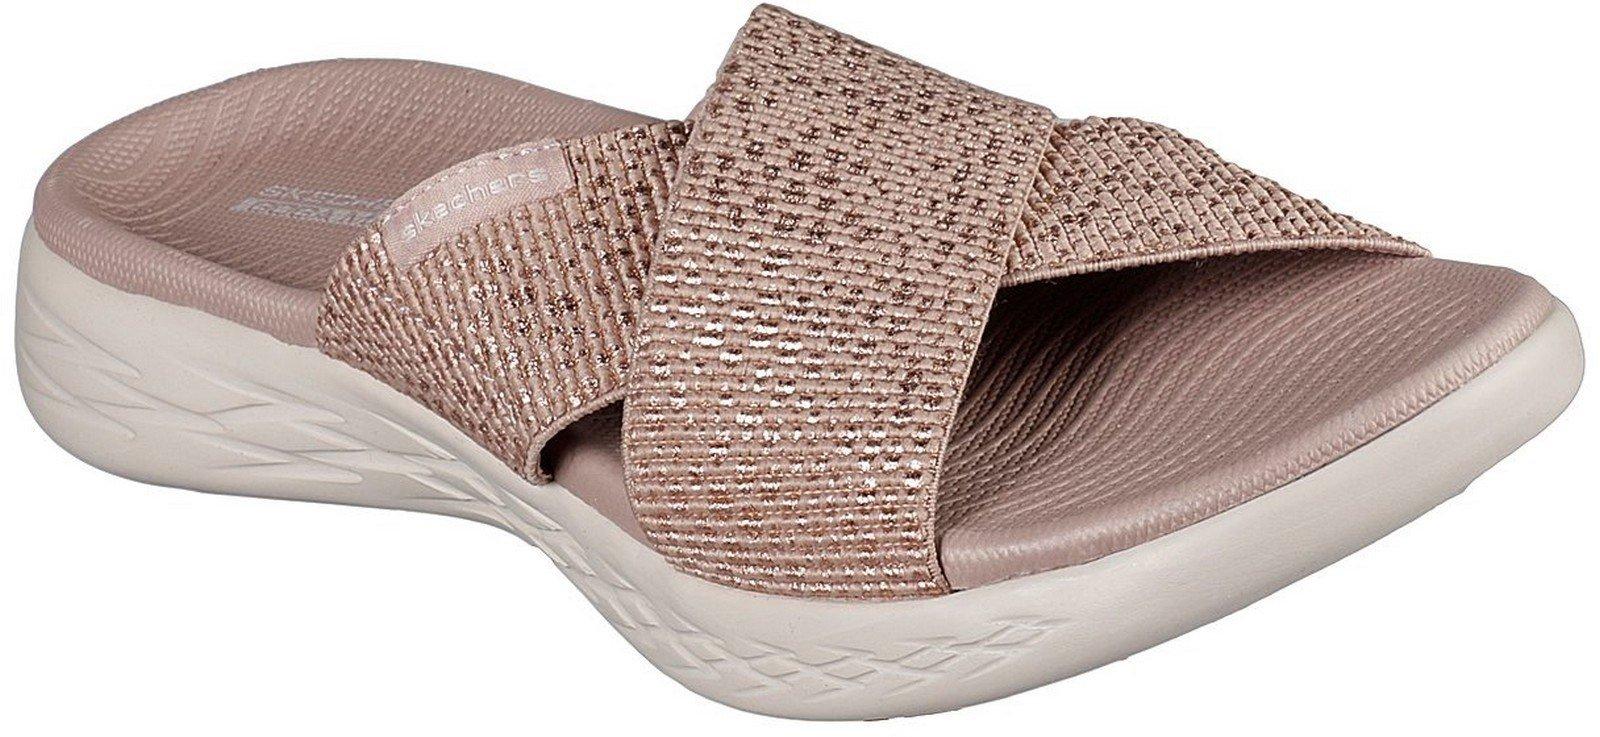 Skechers Women's On the GO Glistening Sandal Various Colours 30352 - Rose Gold 3